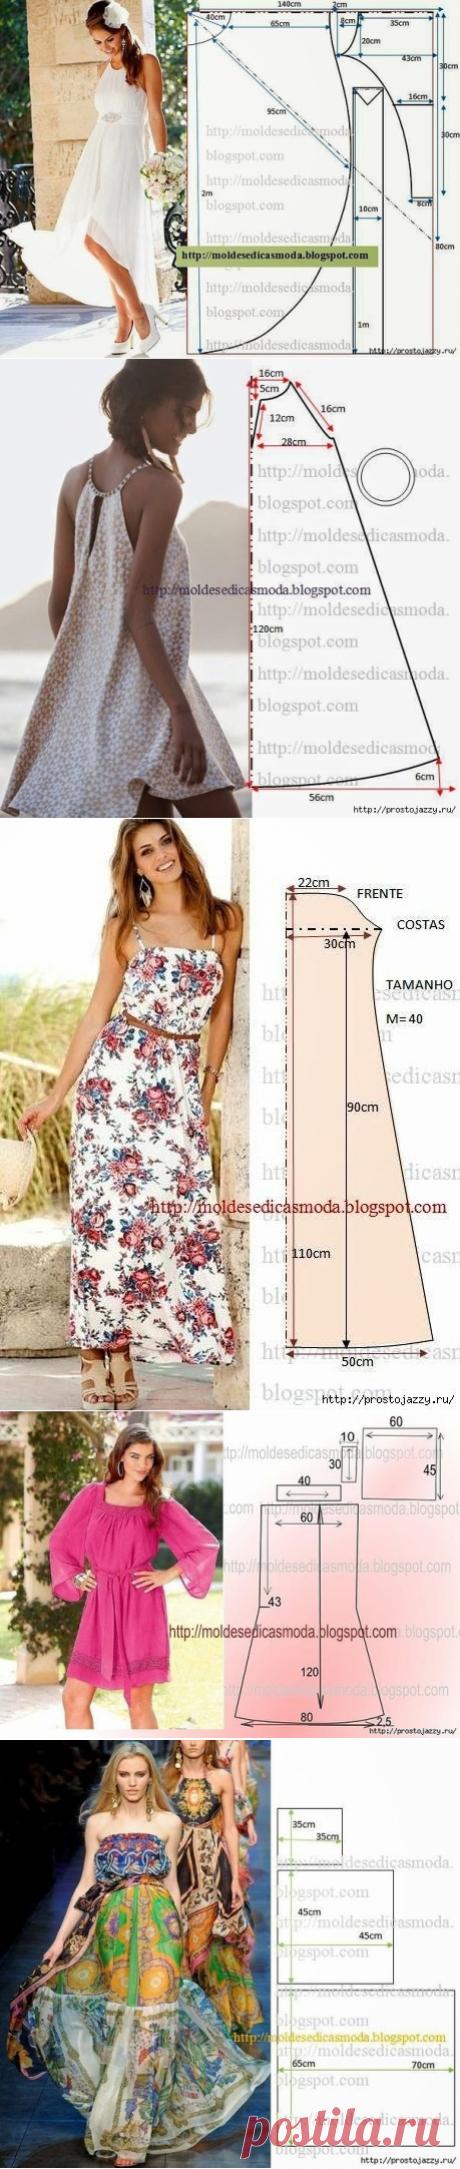 Летние платья — выкройки на любой вкус (Шитье и крой)   Журнал Вдохновение Рукодельницы